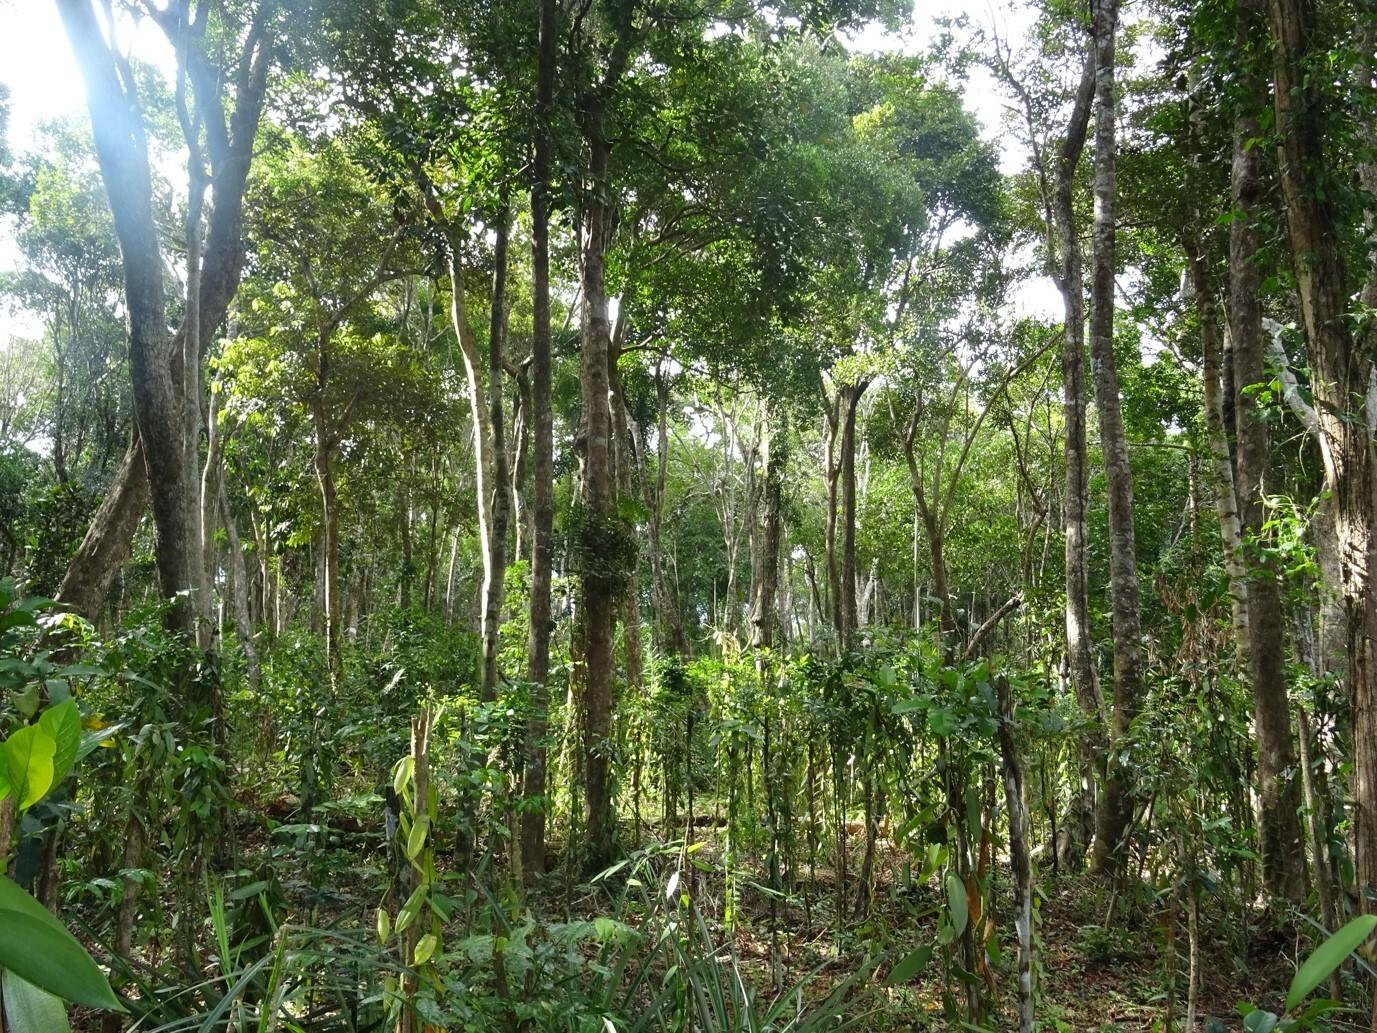 Vanille Agroforsts in Madagaskar, welcher direkt im Wald etabliert wurde. Der Anbau bietet zwar einen Lebensraum für gewisse Tier- und Pflanzenarten, Wald-Spezialisten können hier aber nicht mehr leben.